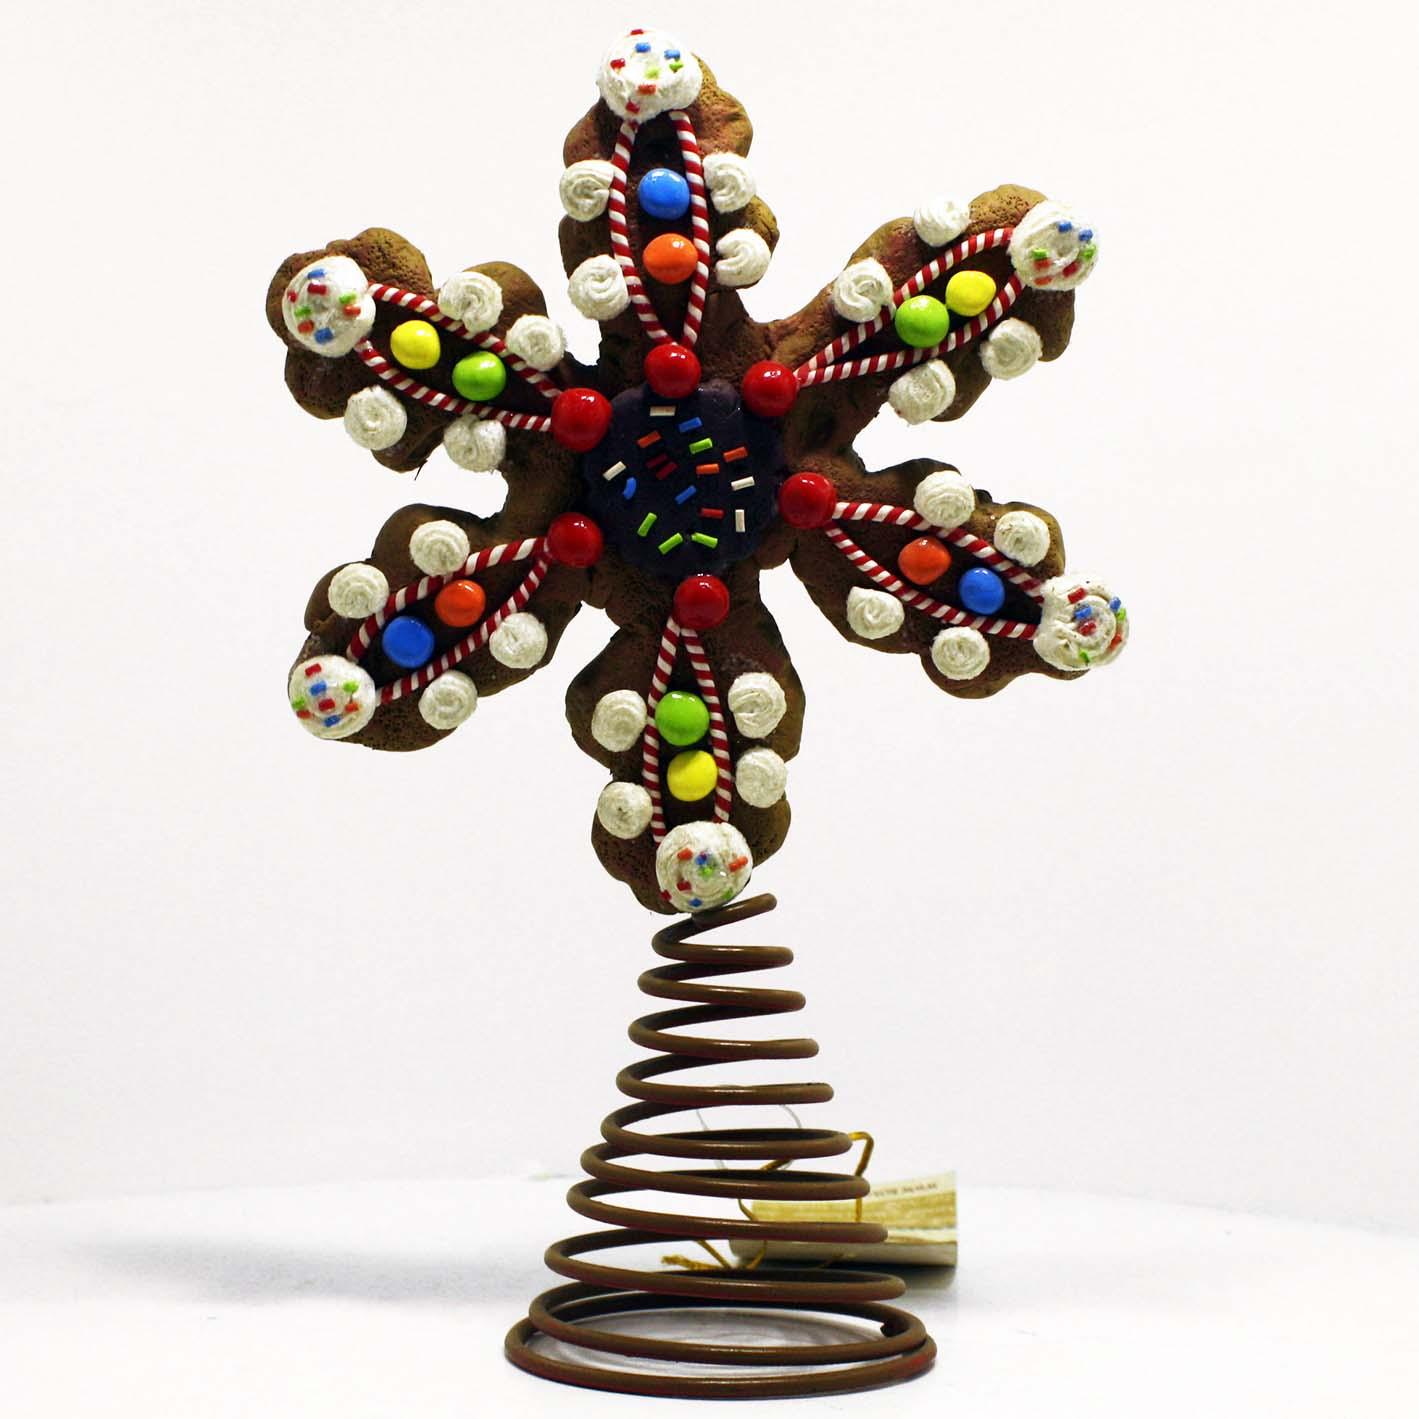 Puntale albero di natale forma di biscotto con caramelle - Decorazioni albero natale ...